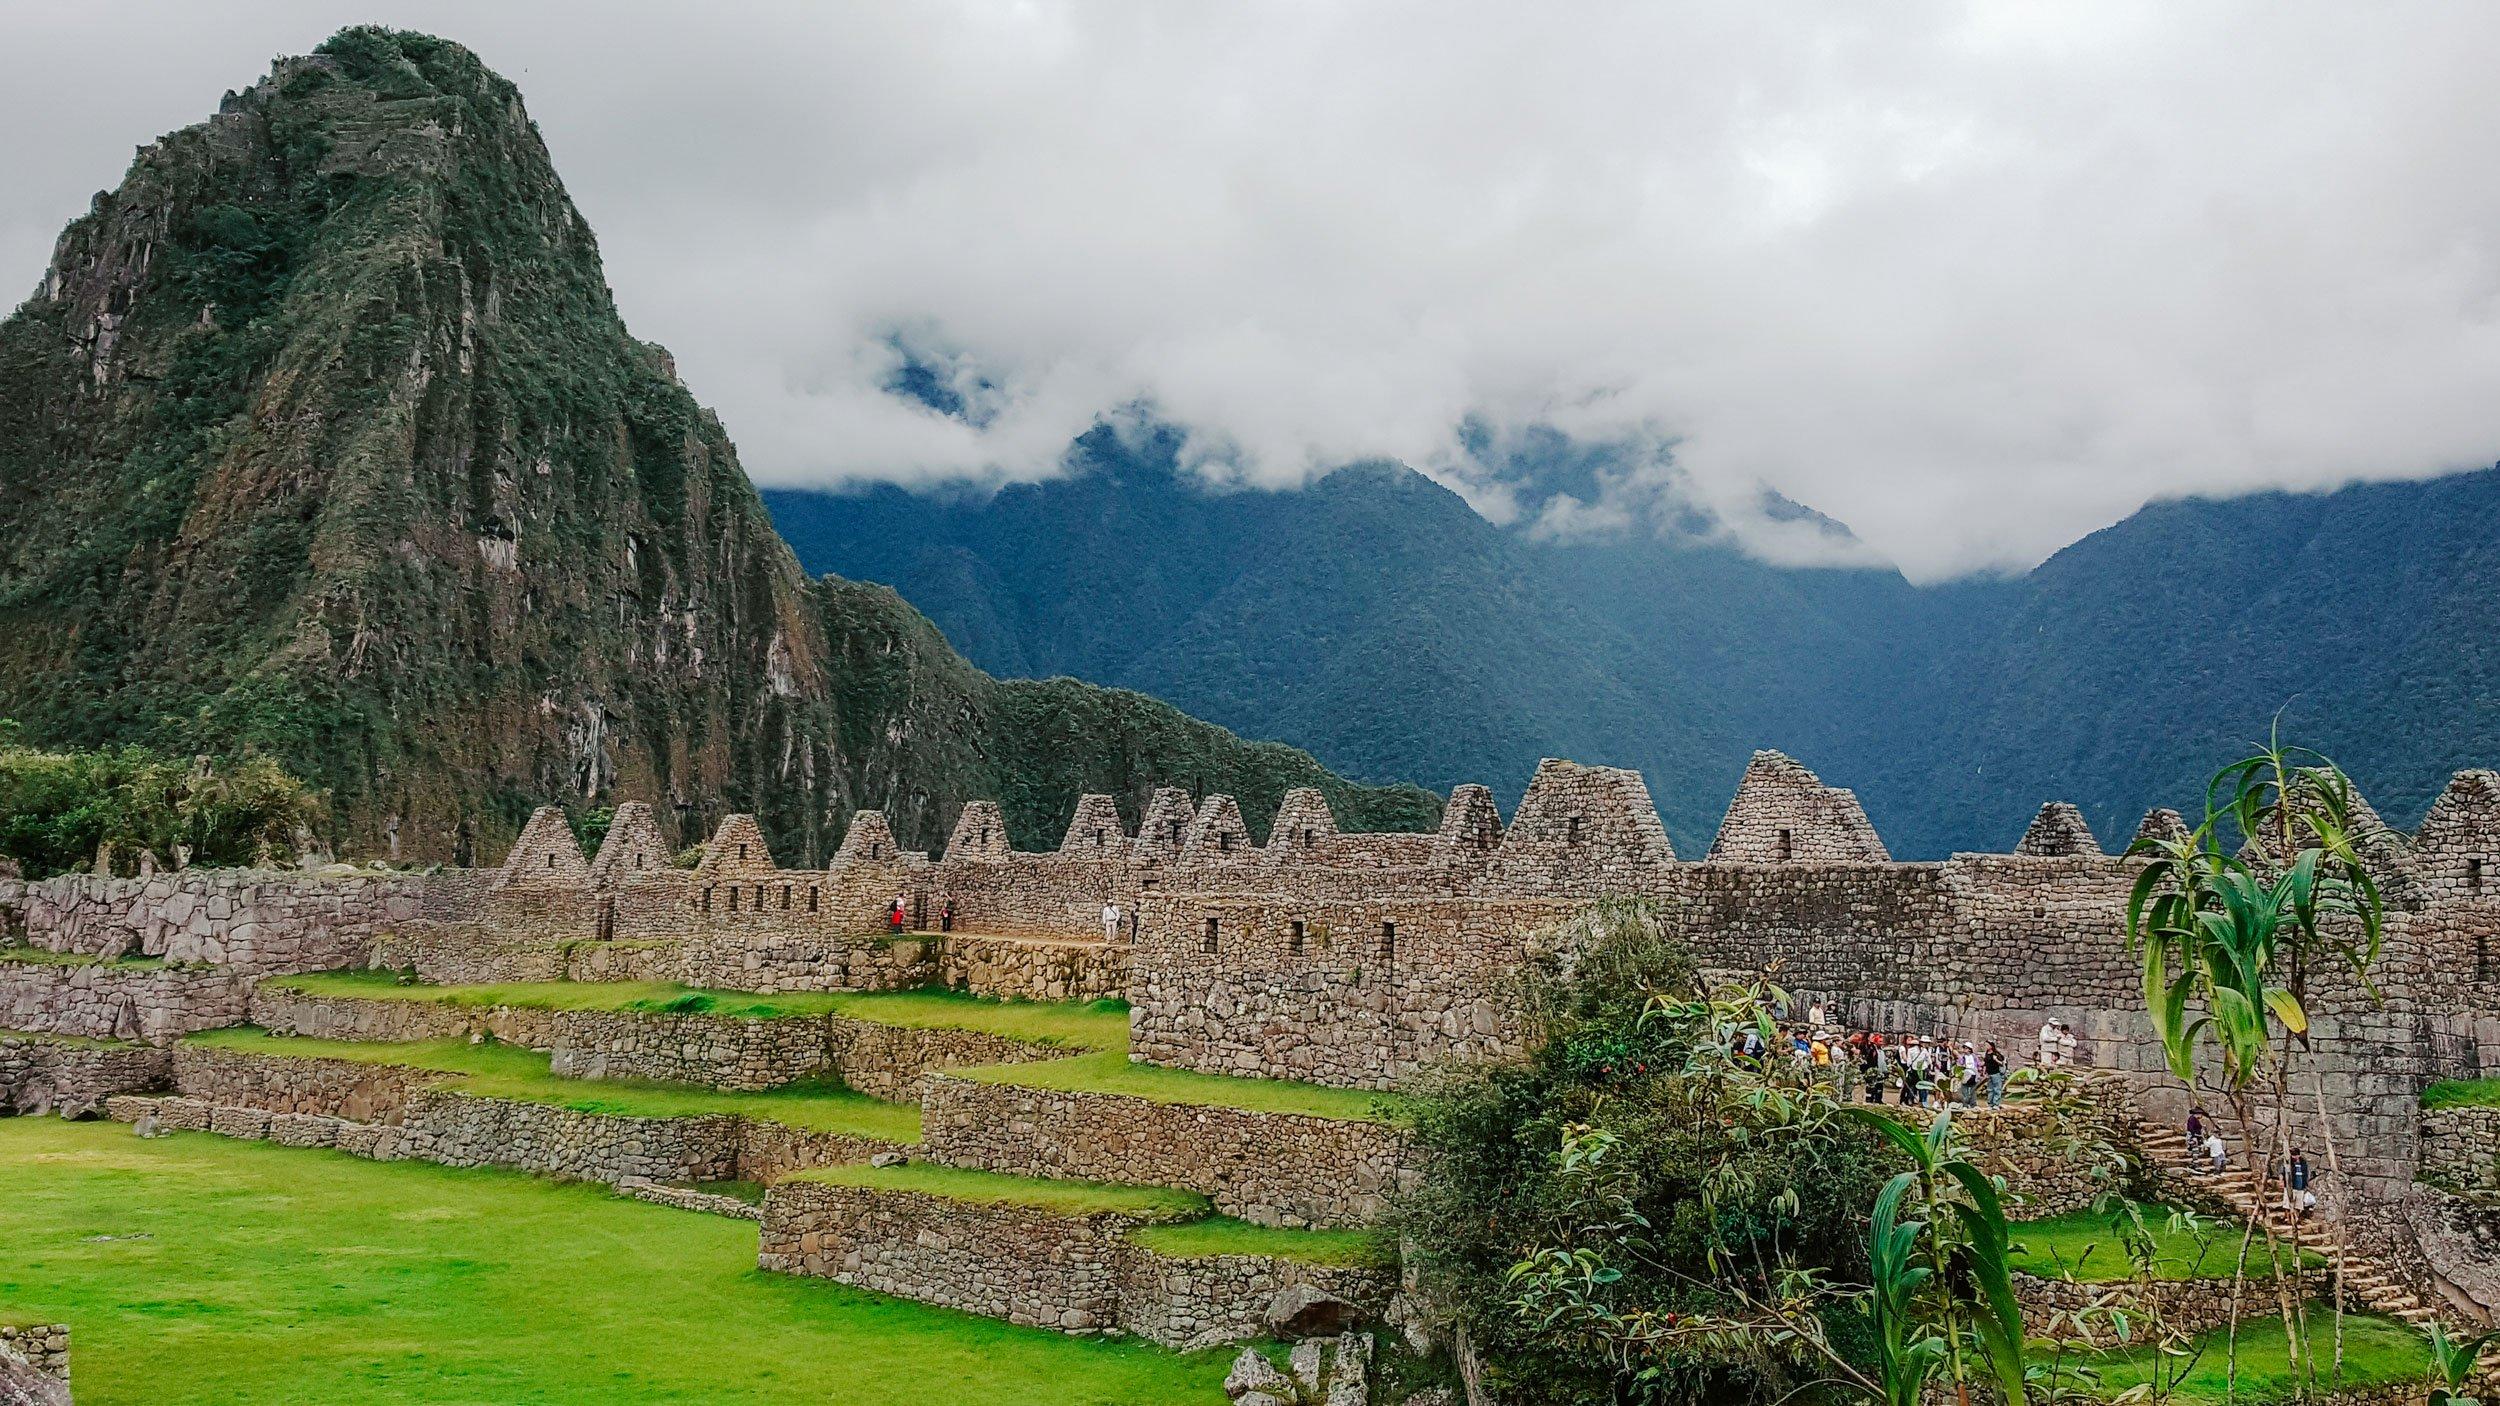 Machu Picchu Peru | How to Hike the Inca Trail as a Solo Female Traveler